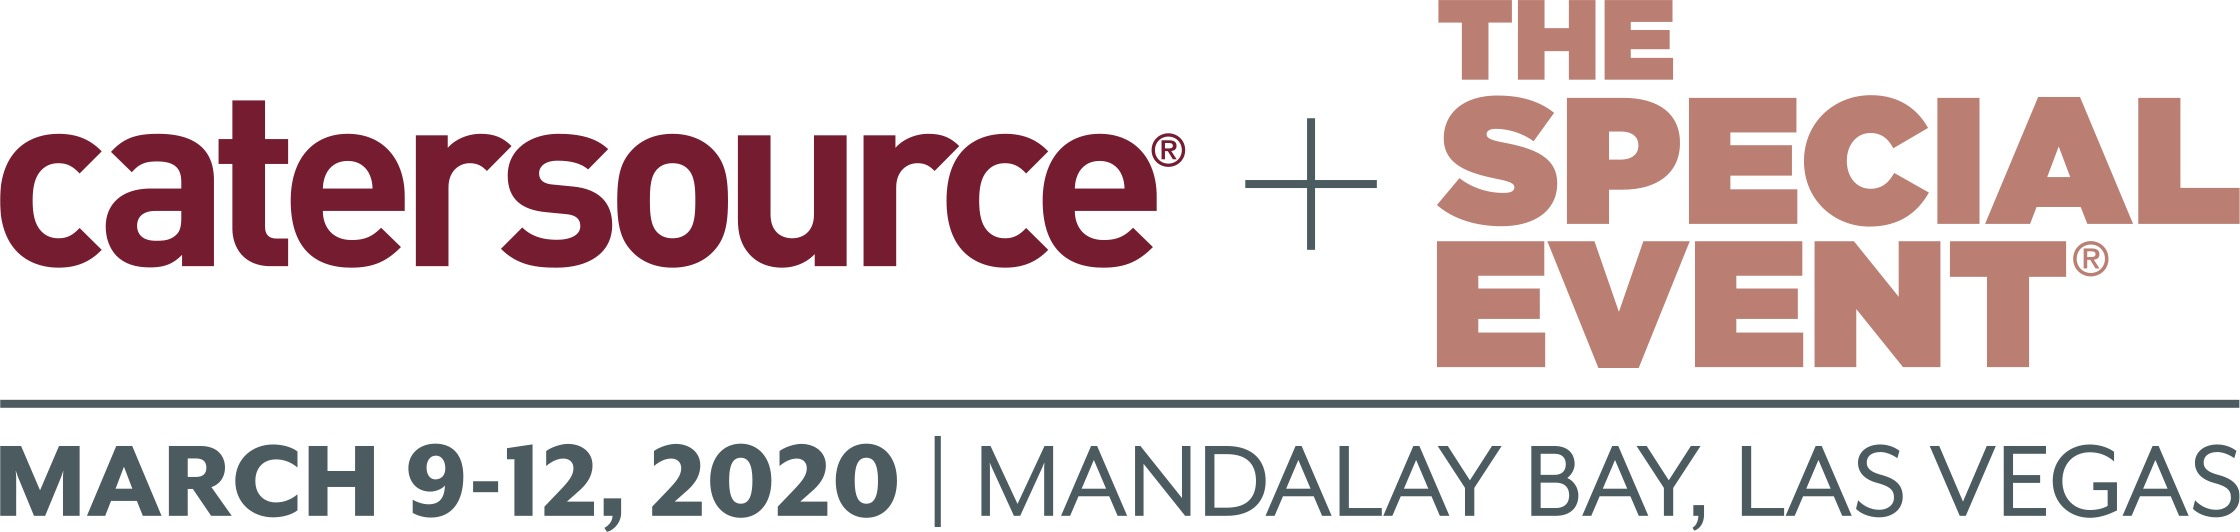 CS-TSE 2020 Combined Logo 4C